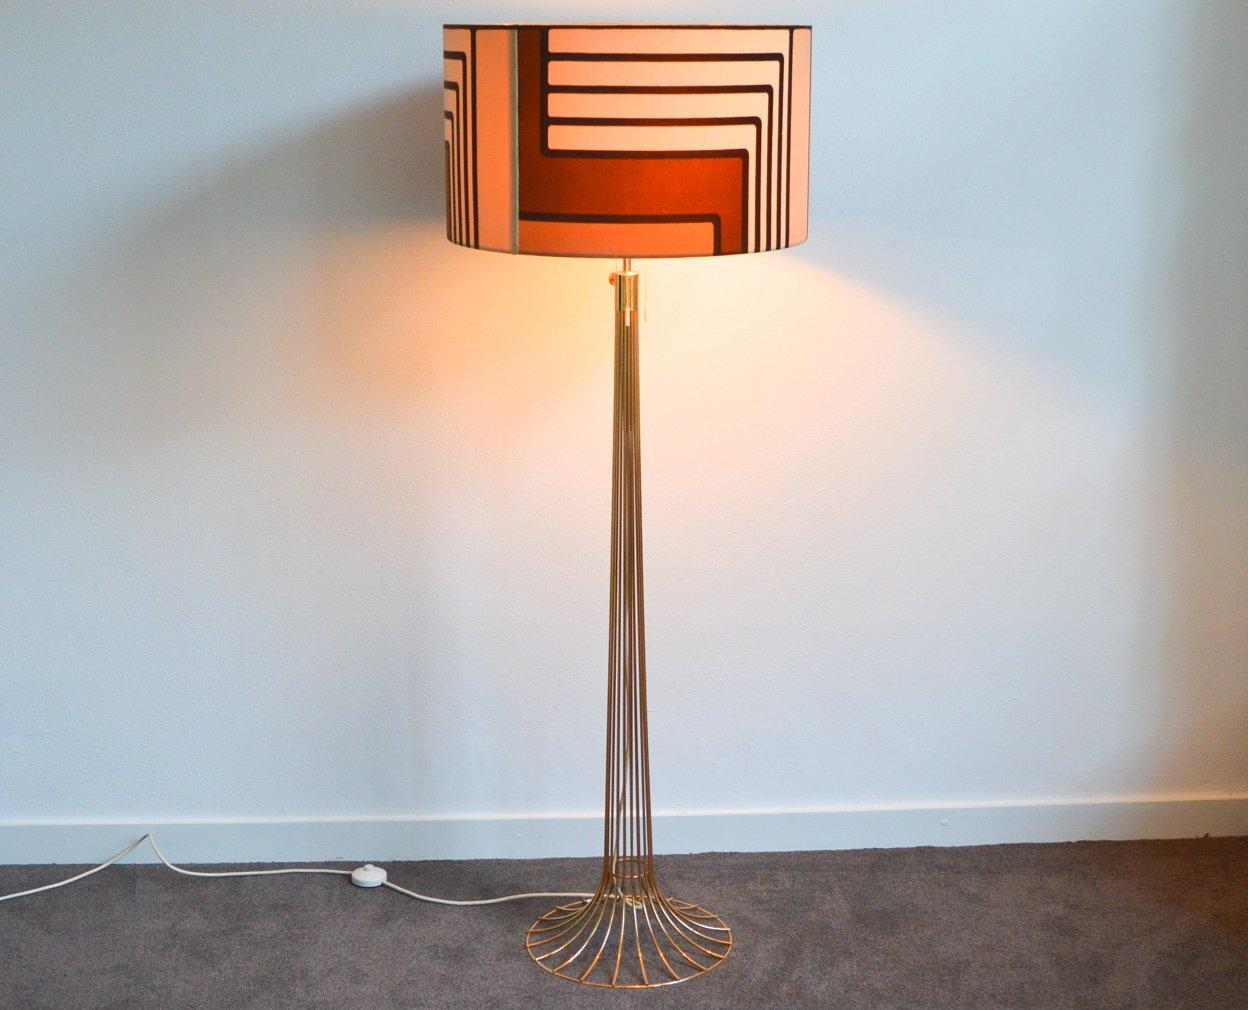 Verner panton lampe top verner panton fun dm lamp with for Funny lamps for sale